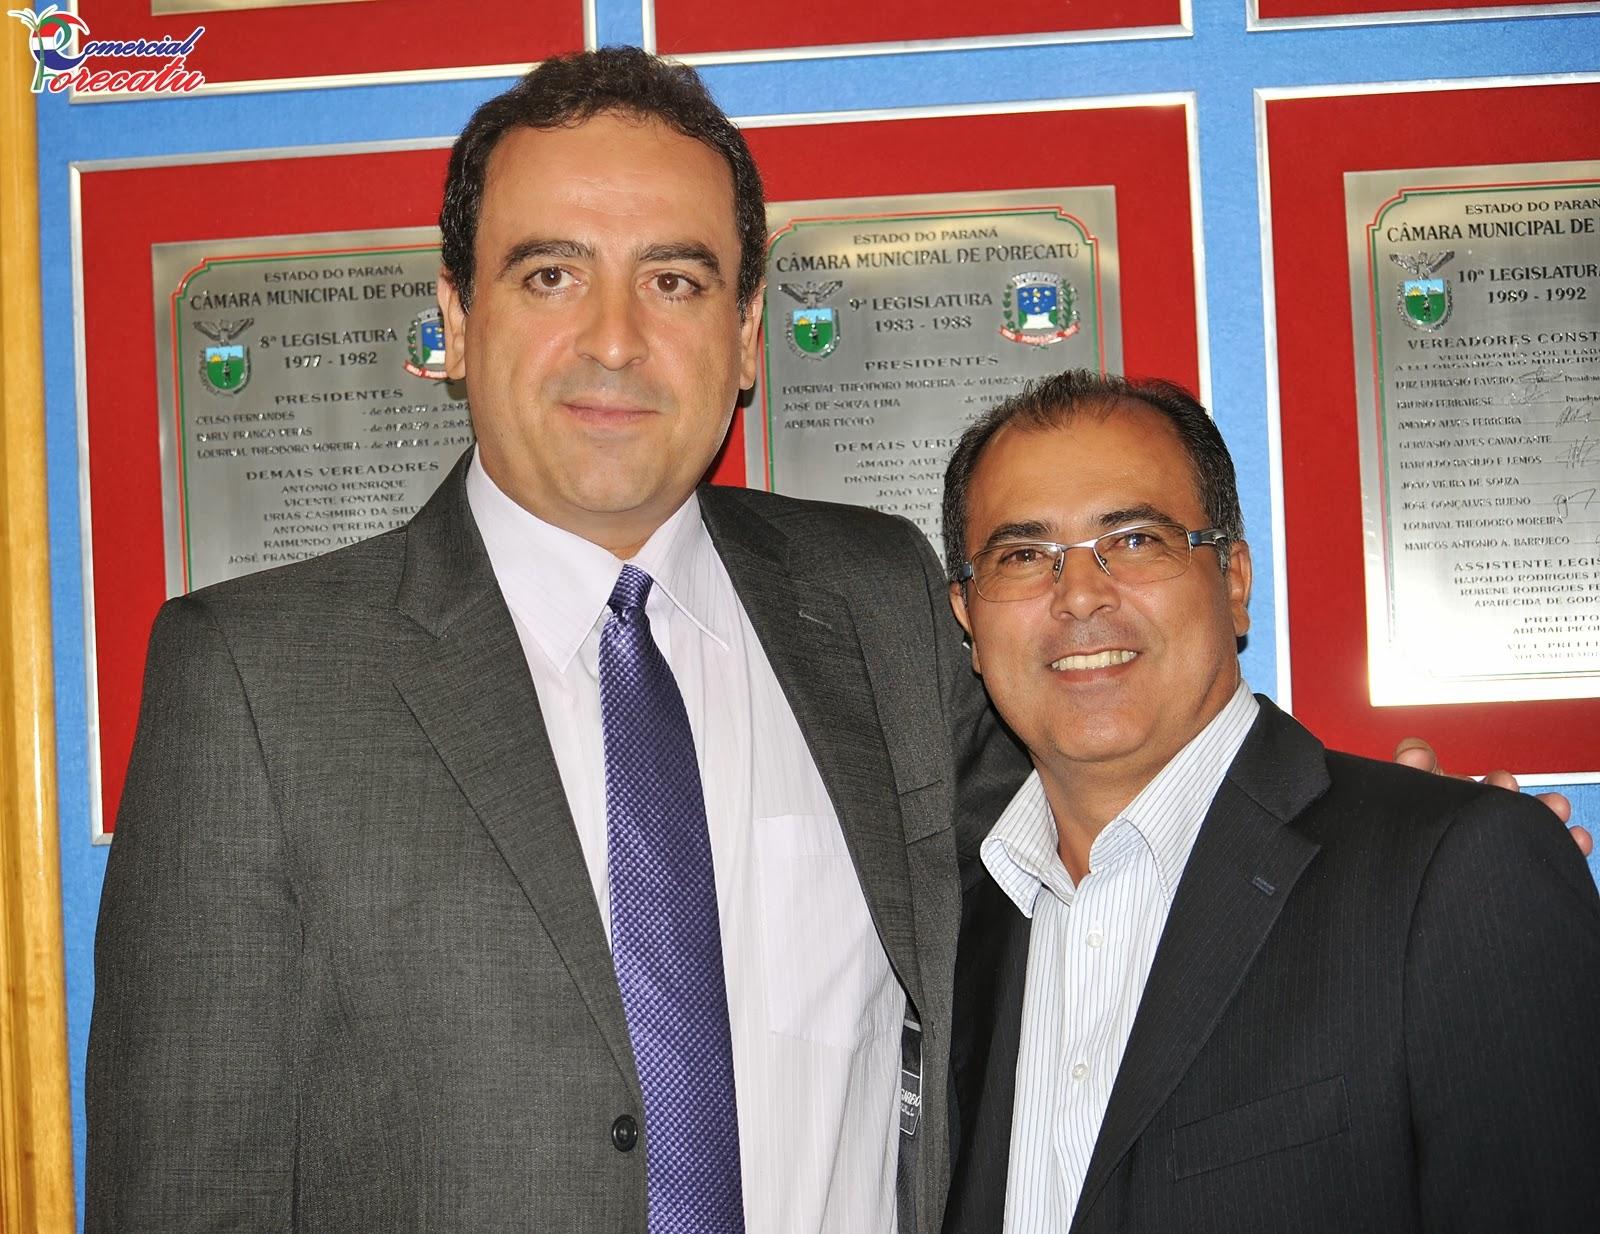 COMERCIAL PORECATU: Posse do Vereador Marcelo Coelho da Silva  Partido  #2067AB 1600 1234